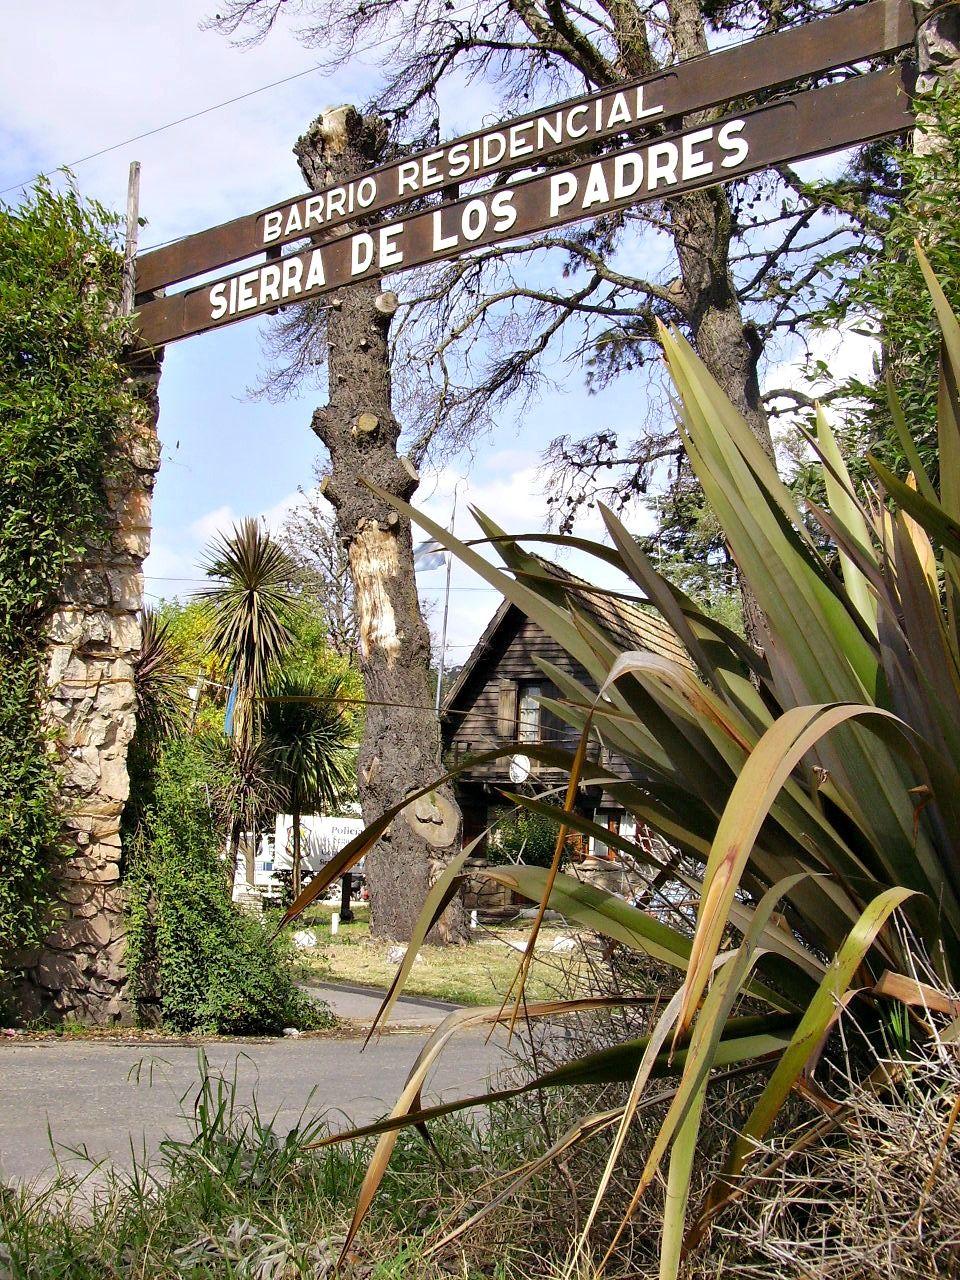 Entrada al Barrio Residencial de  Sierra de los Padres.Mar del Plata